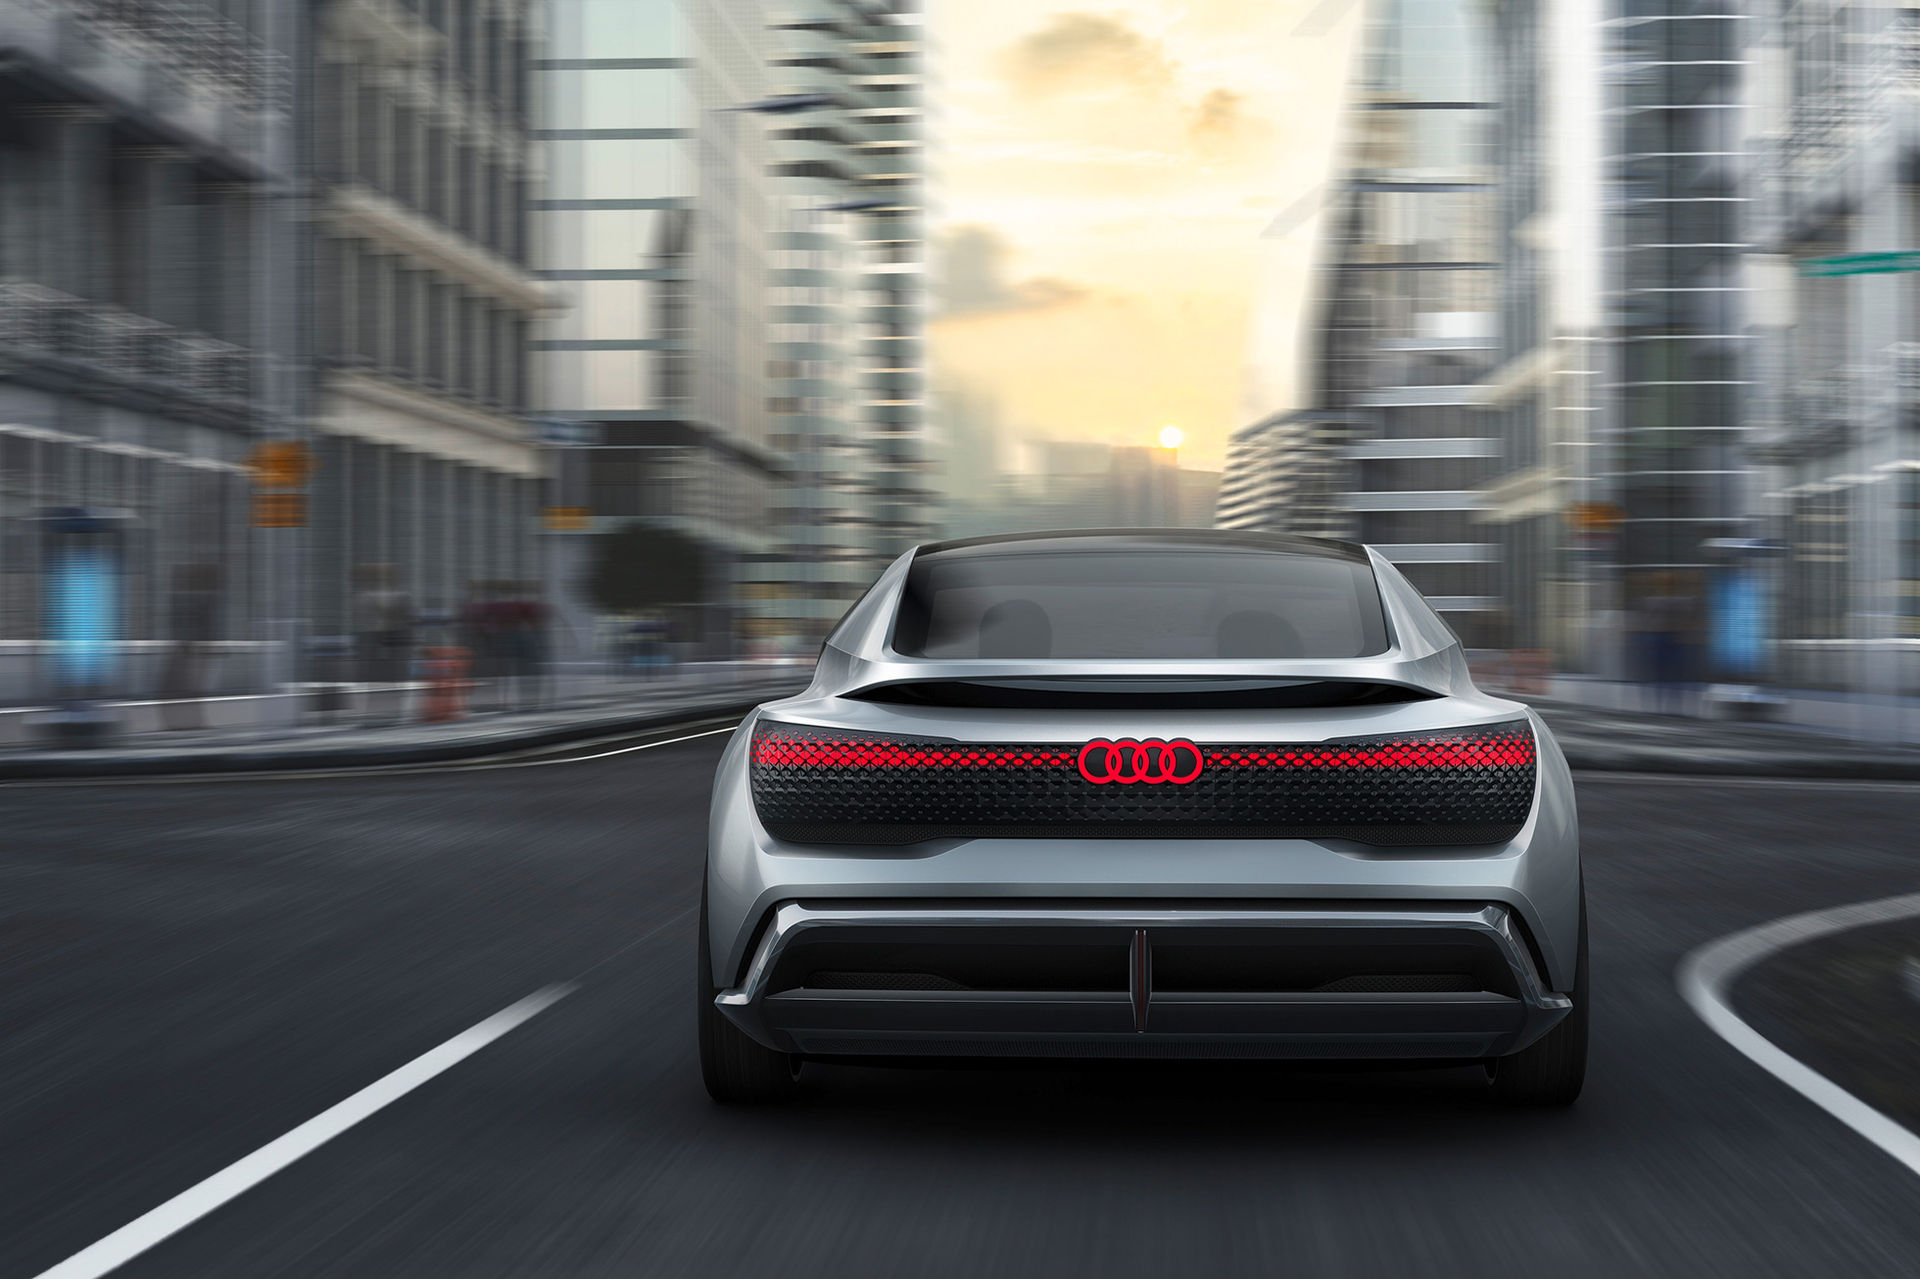 Audi räknar med att sälja 800.000 laddbara bilar 2025